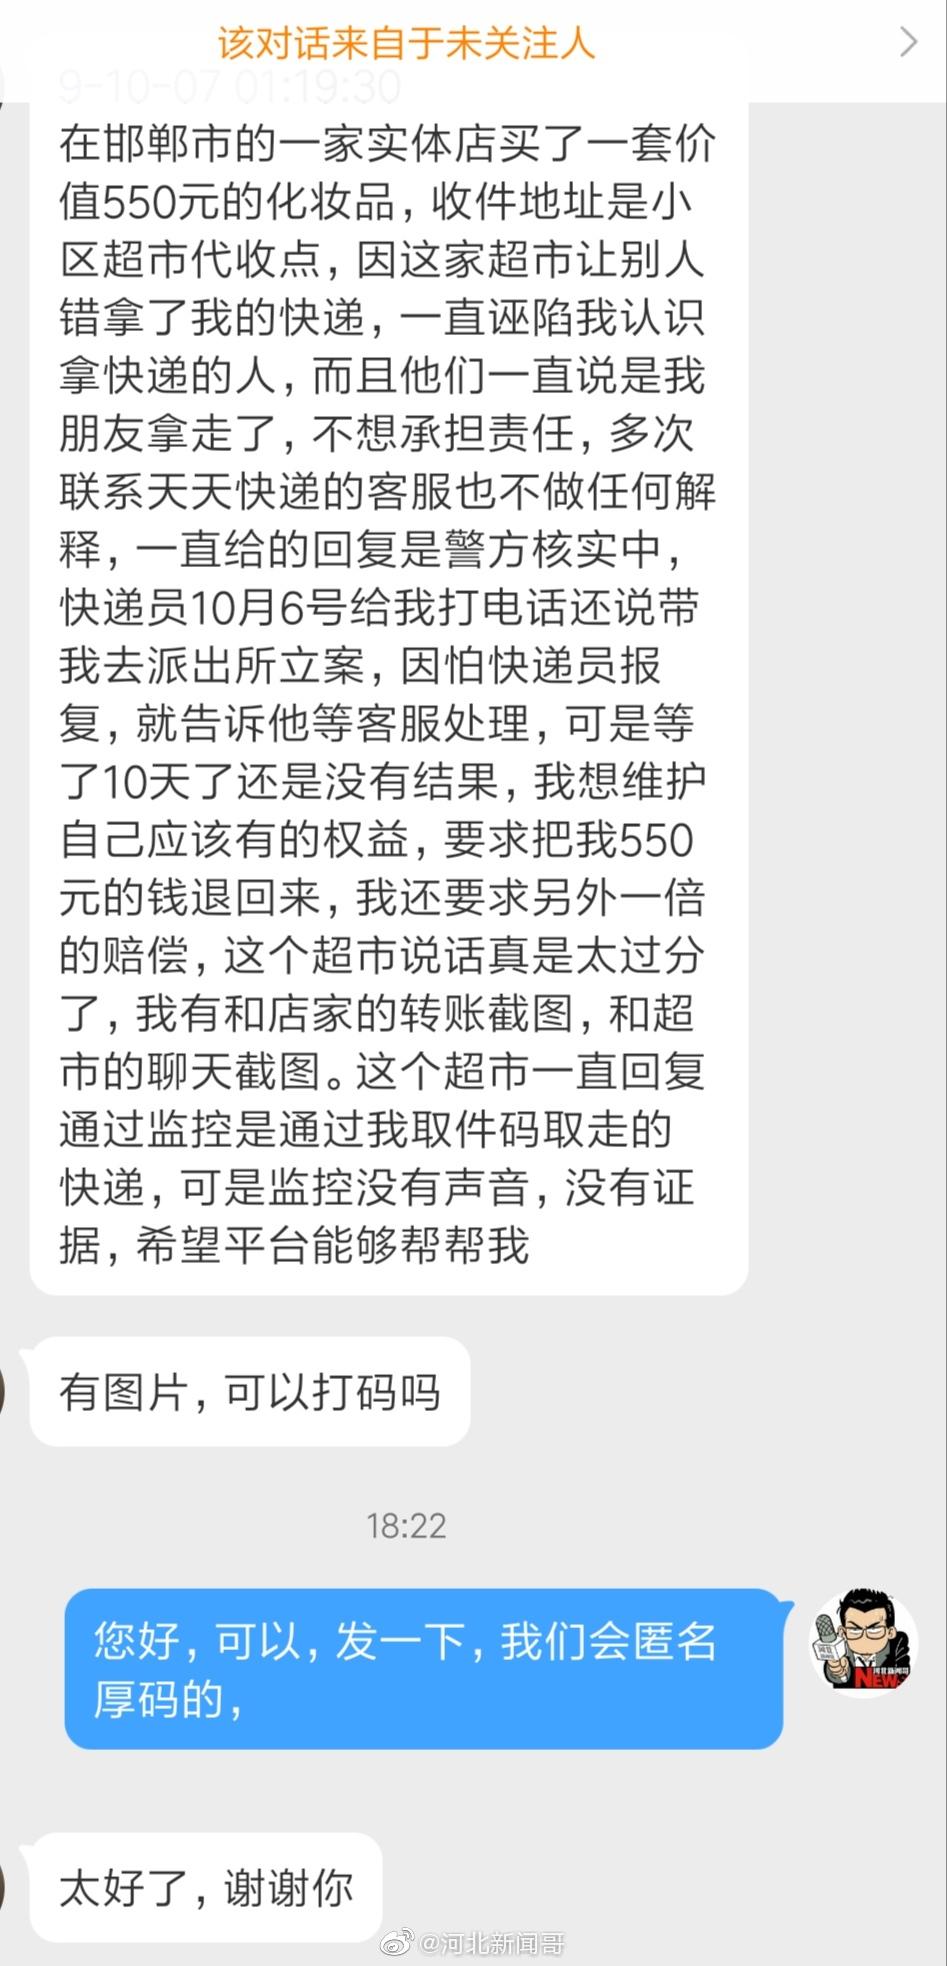 石家庄一网友快递被陌生人误取,联系代取点竟反说被诬陷